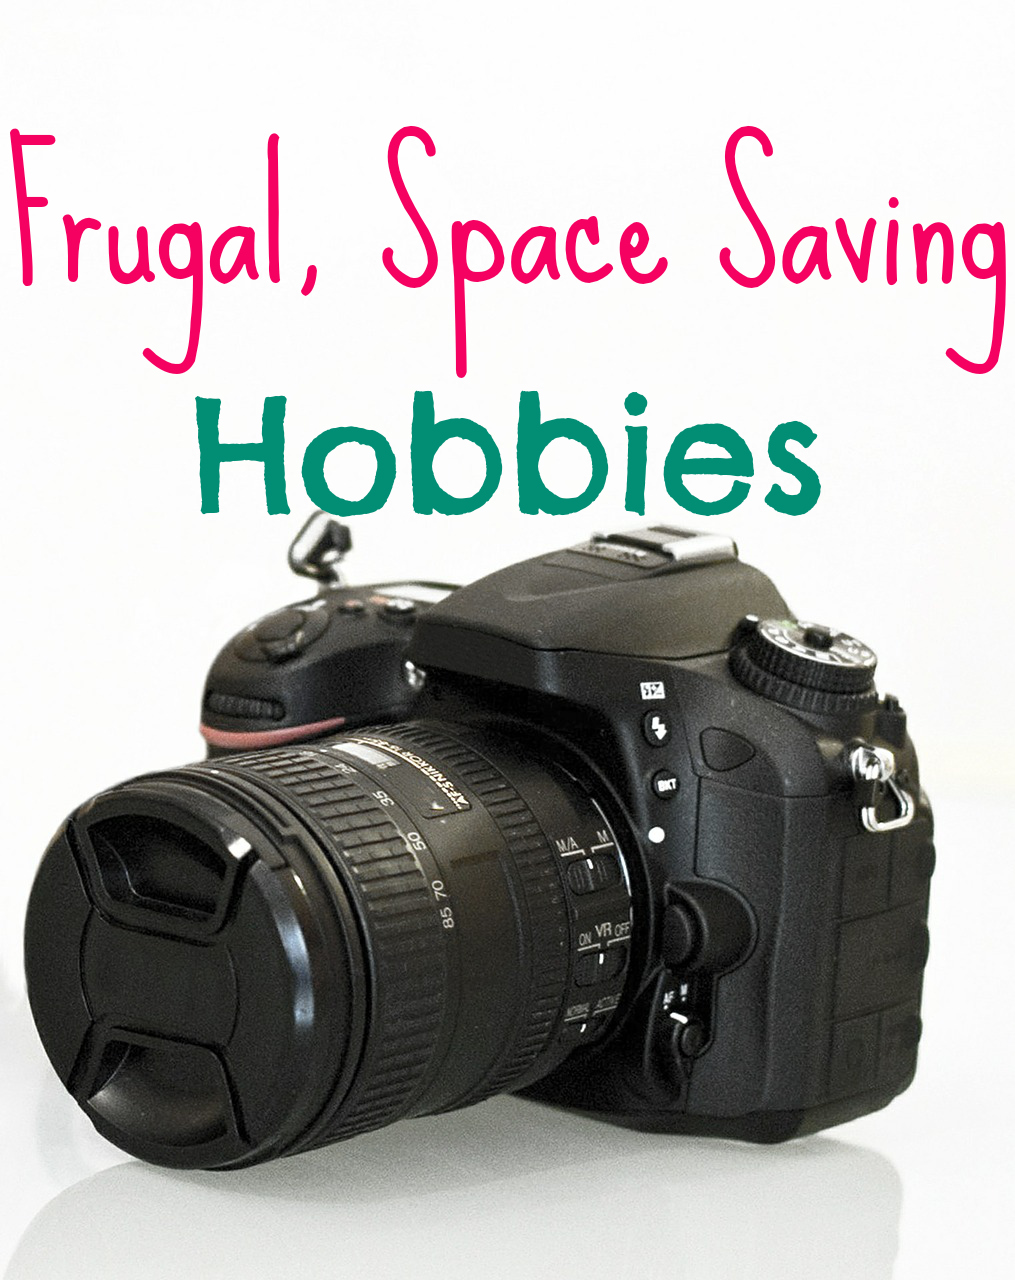 Frugal, Space Saving Hobbies